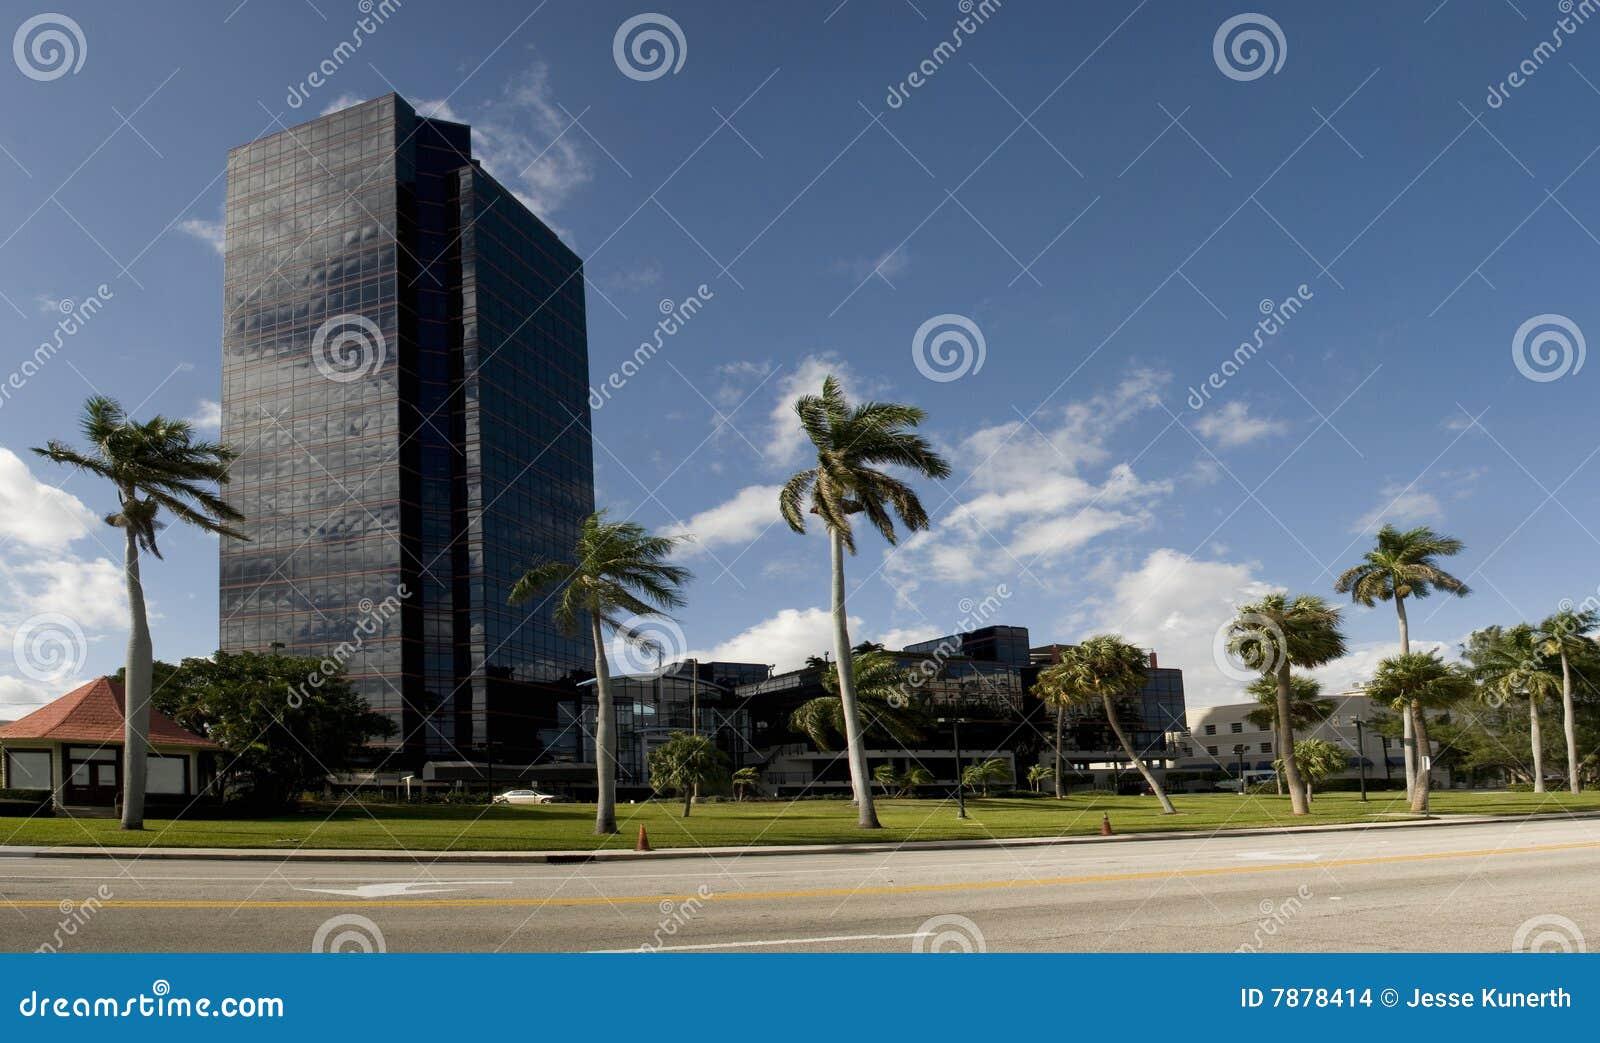 los sitios de citas libres en west palm beach florida aplicaci n de citas elite 3 millones. Black Bedroom Furniture Sets. Home Design Ideas